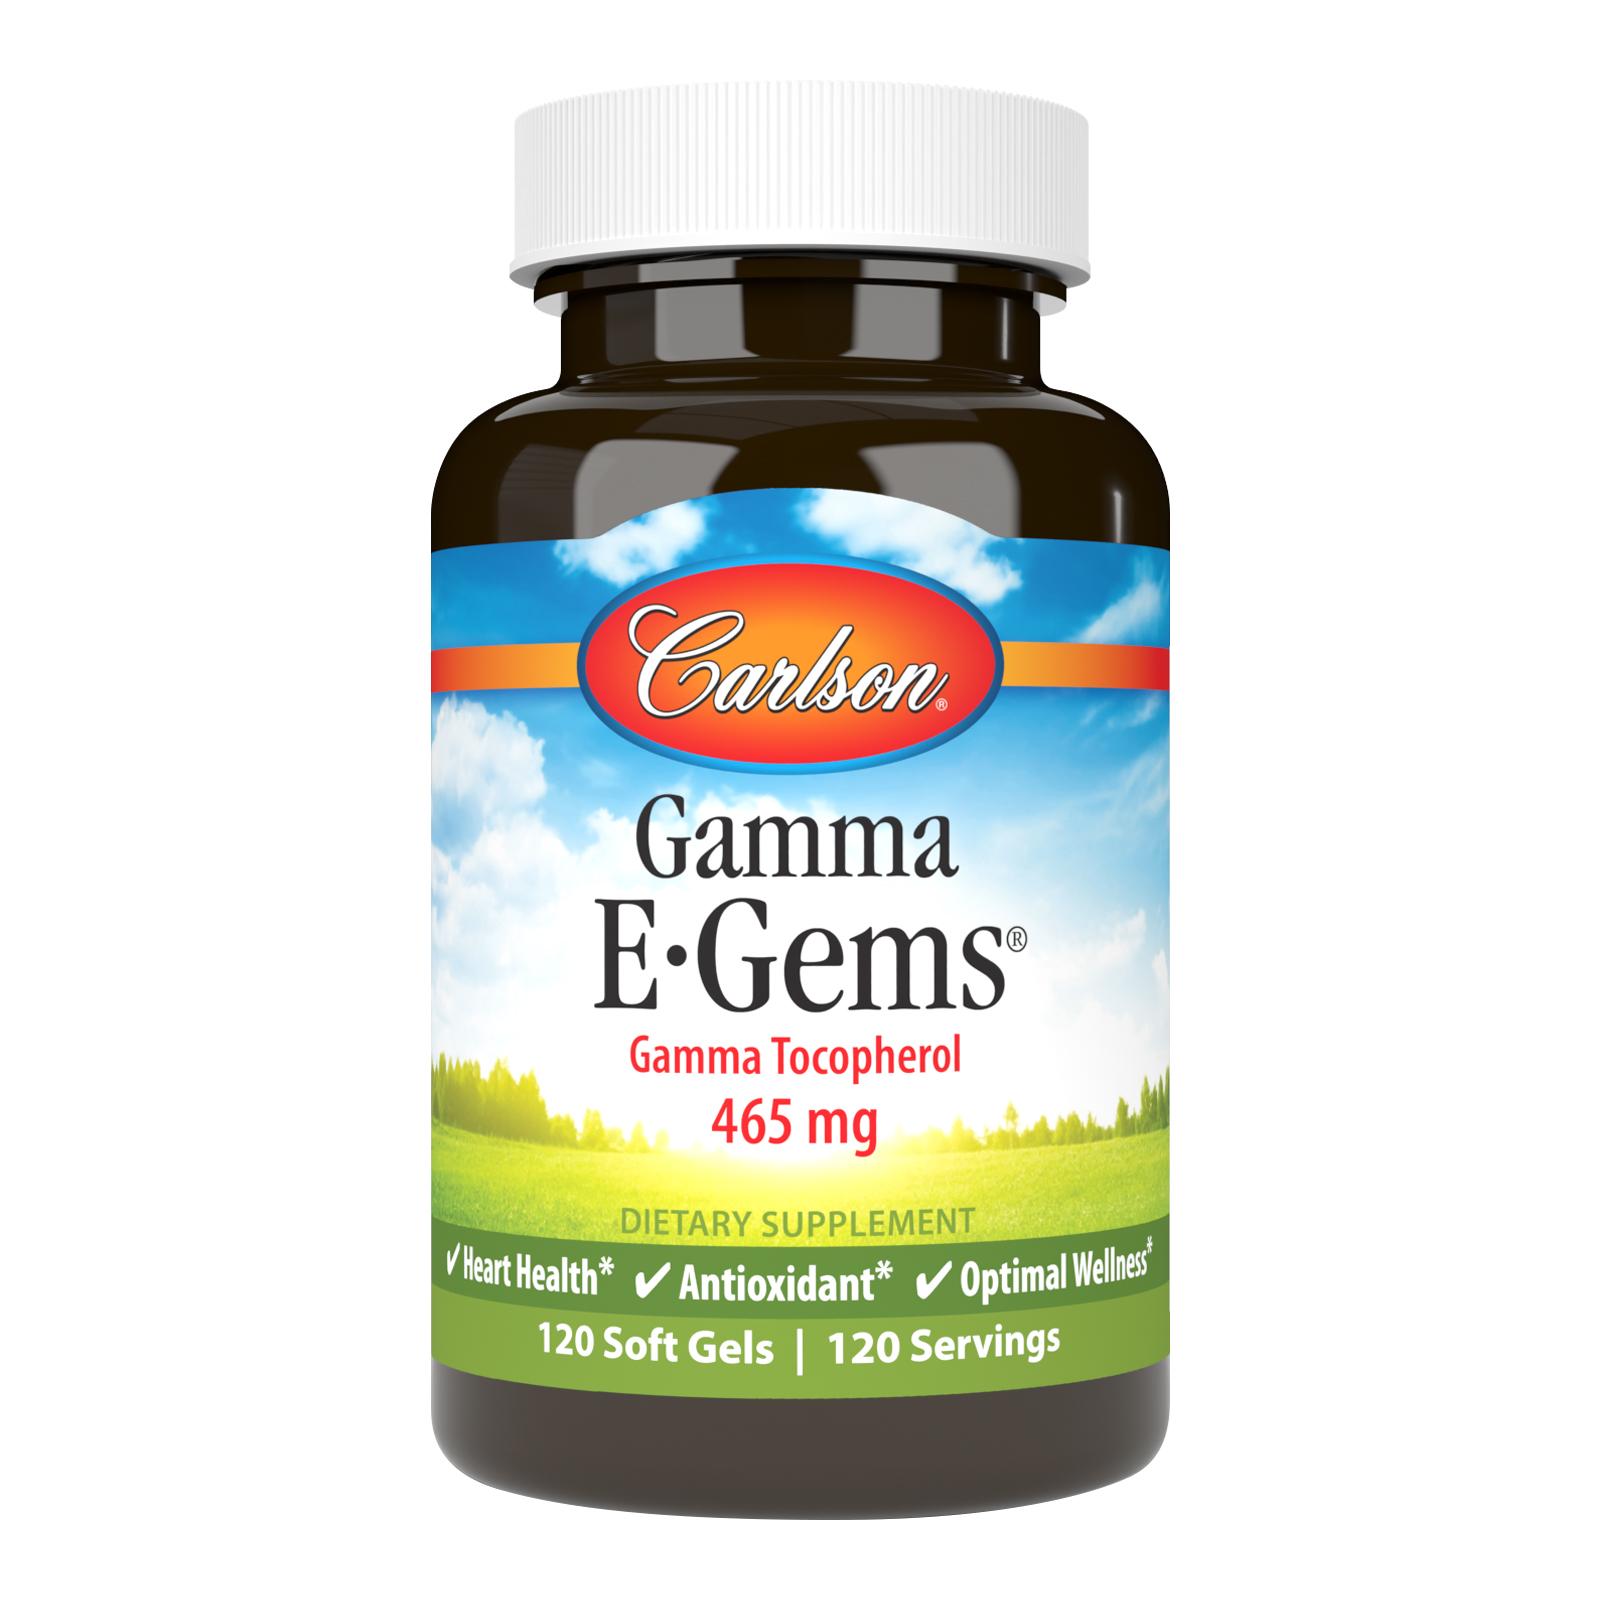 Gamma E-Gems®